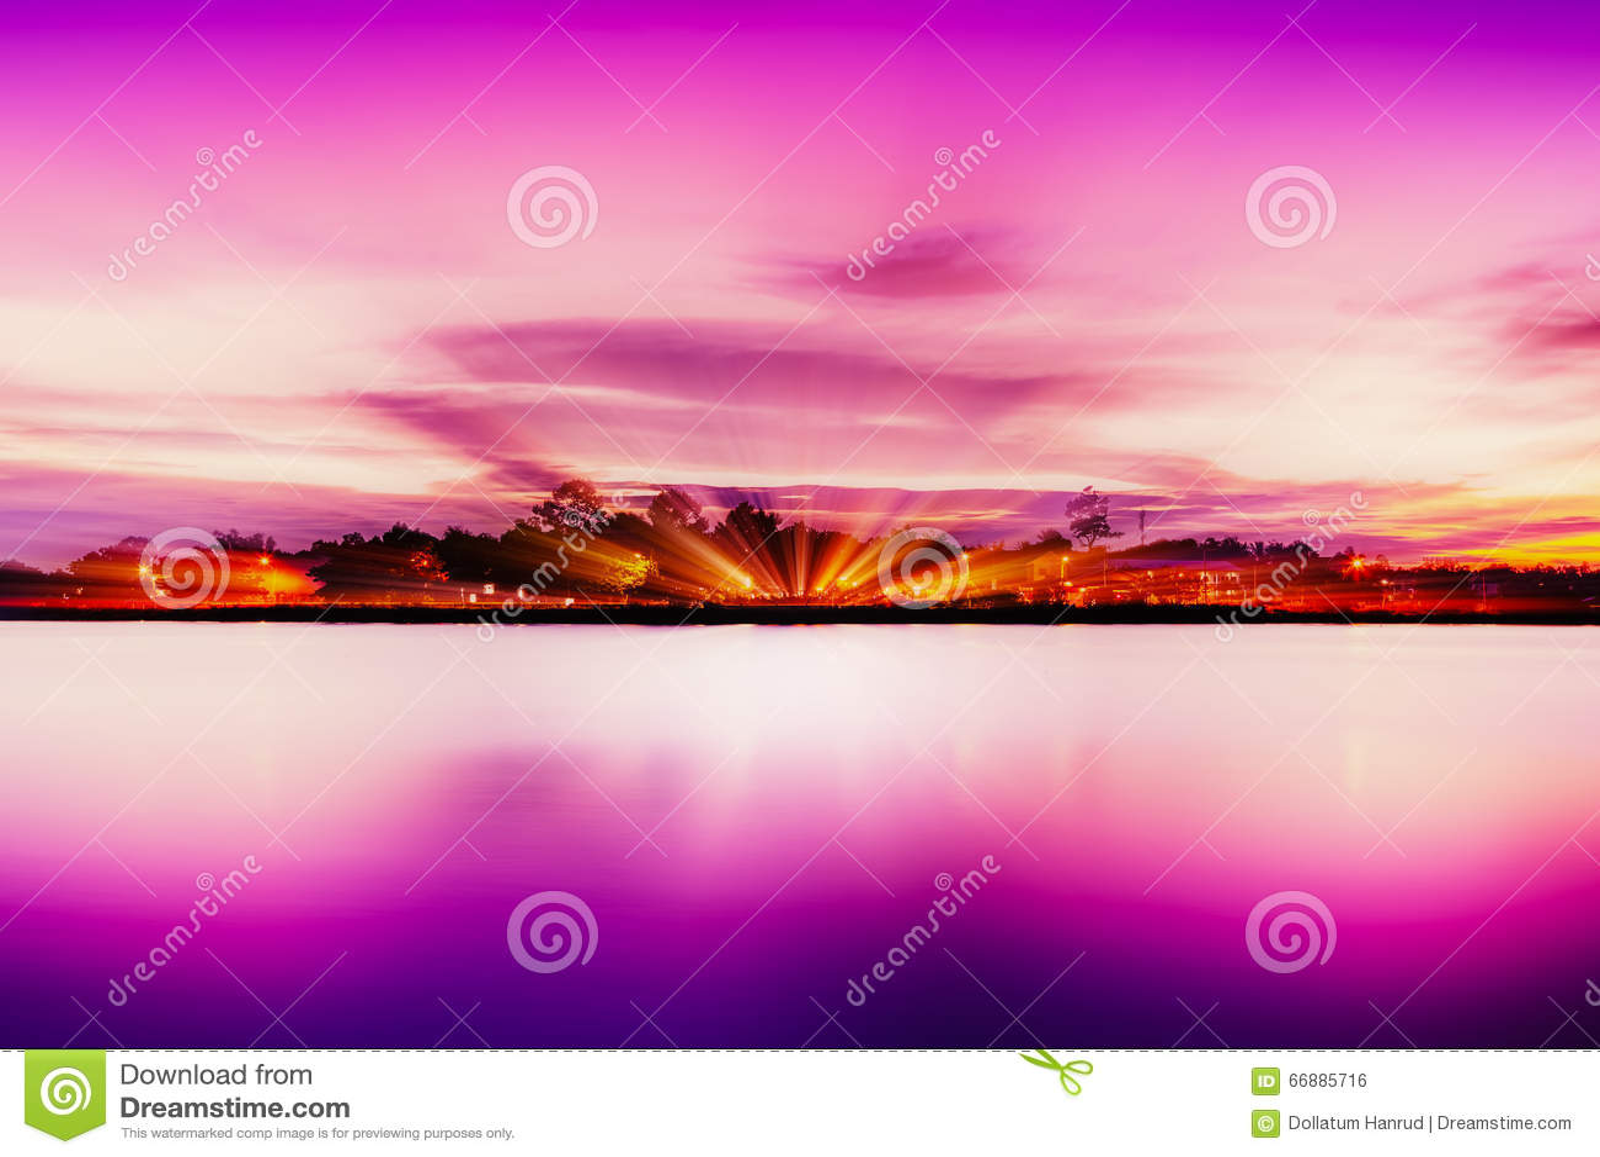 Ακτή της ώρας λιμνών στο ροζ